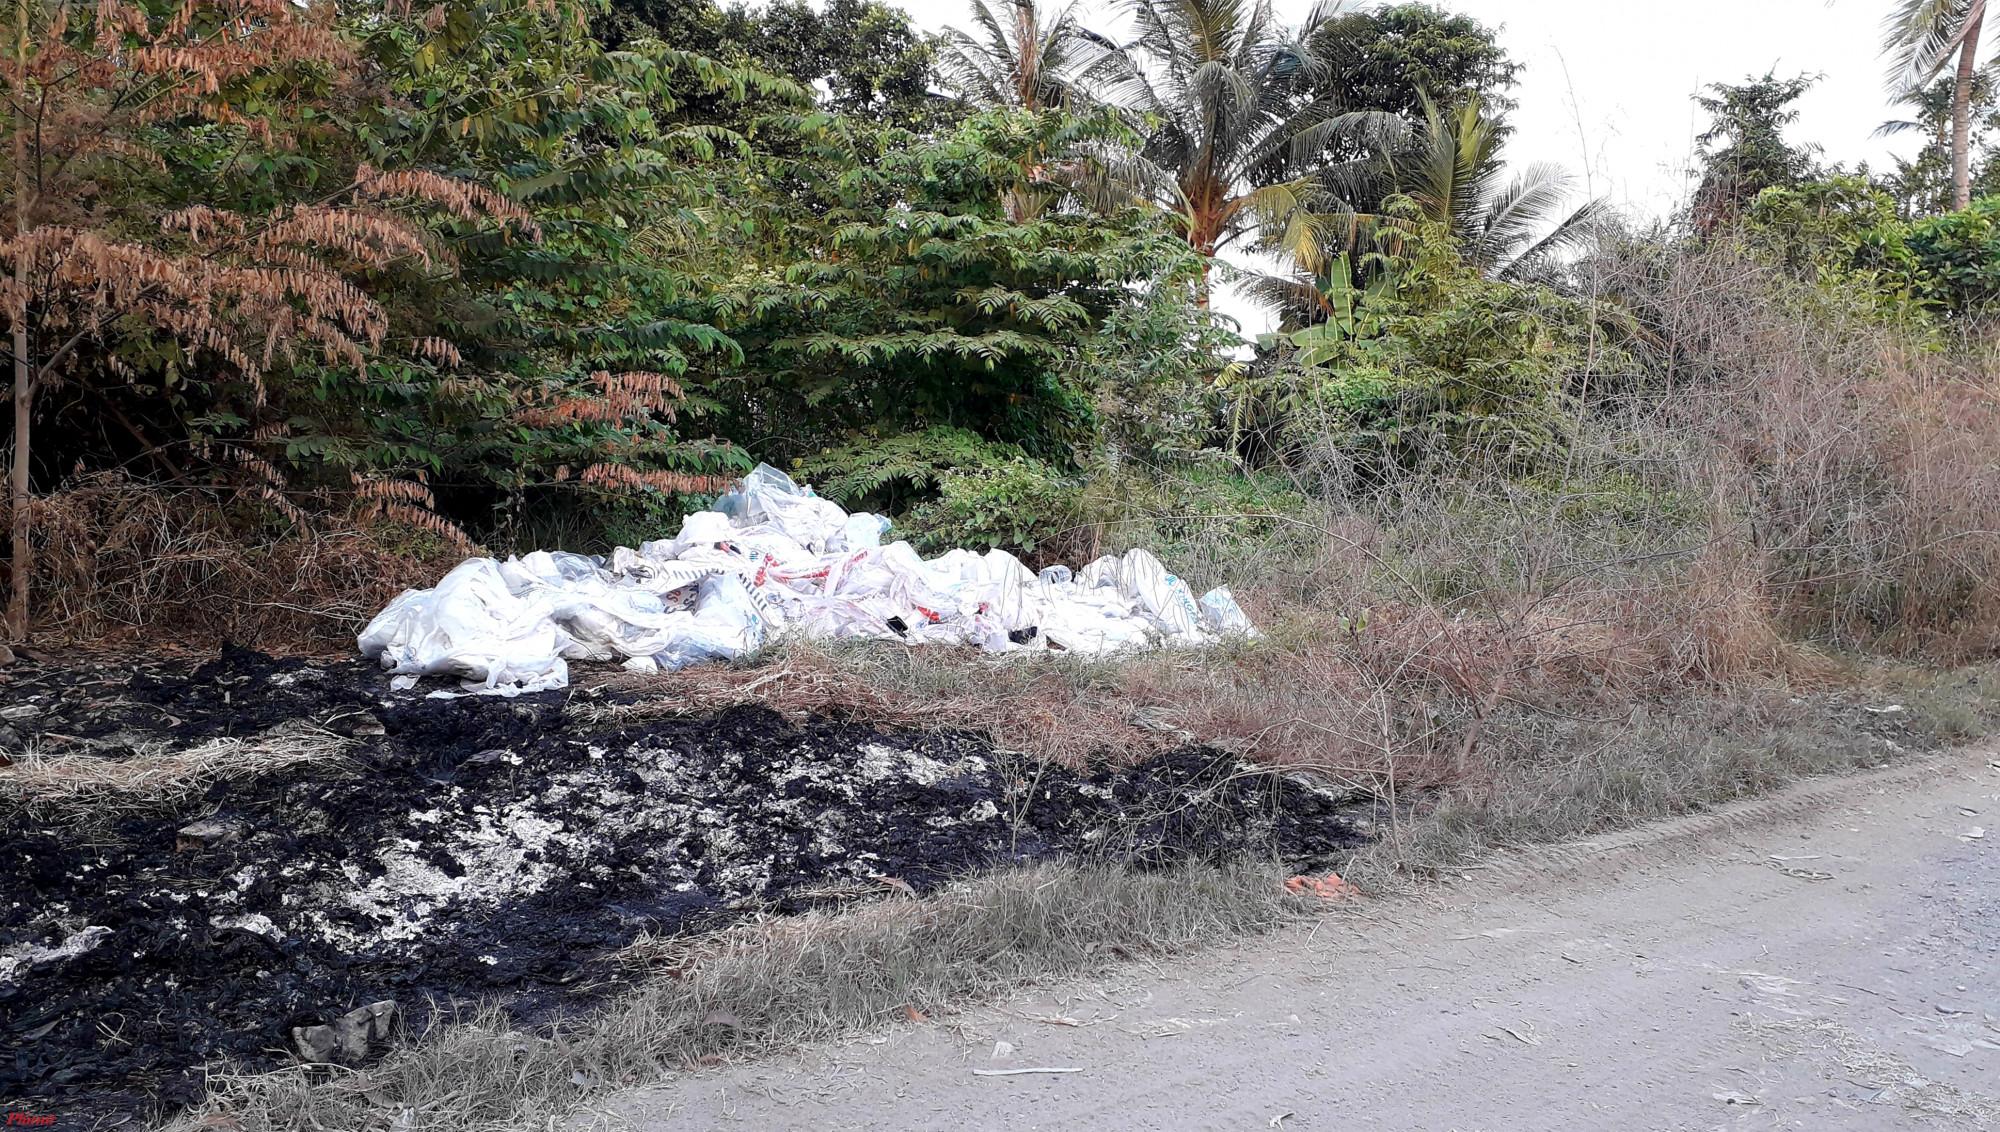 Nhiều bao rác thải công nghiệp được các xe tải mang ra bờ sông đổ trái phép. Ảnh: Hoàng Nhiên